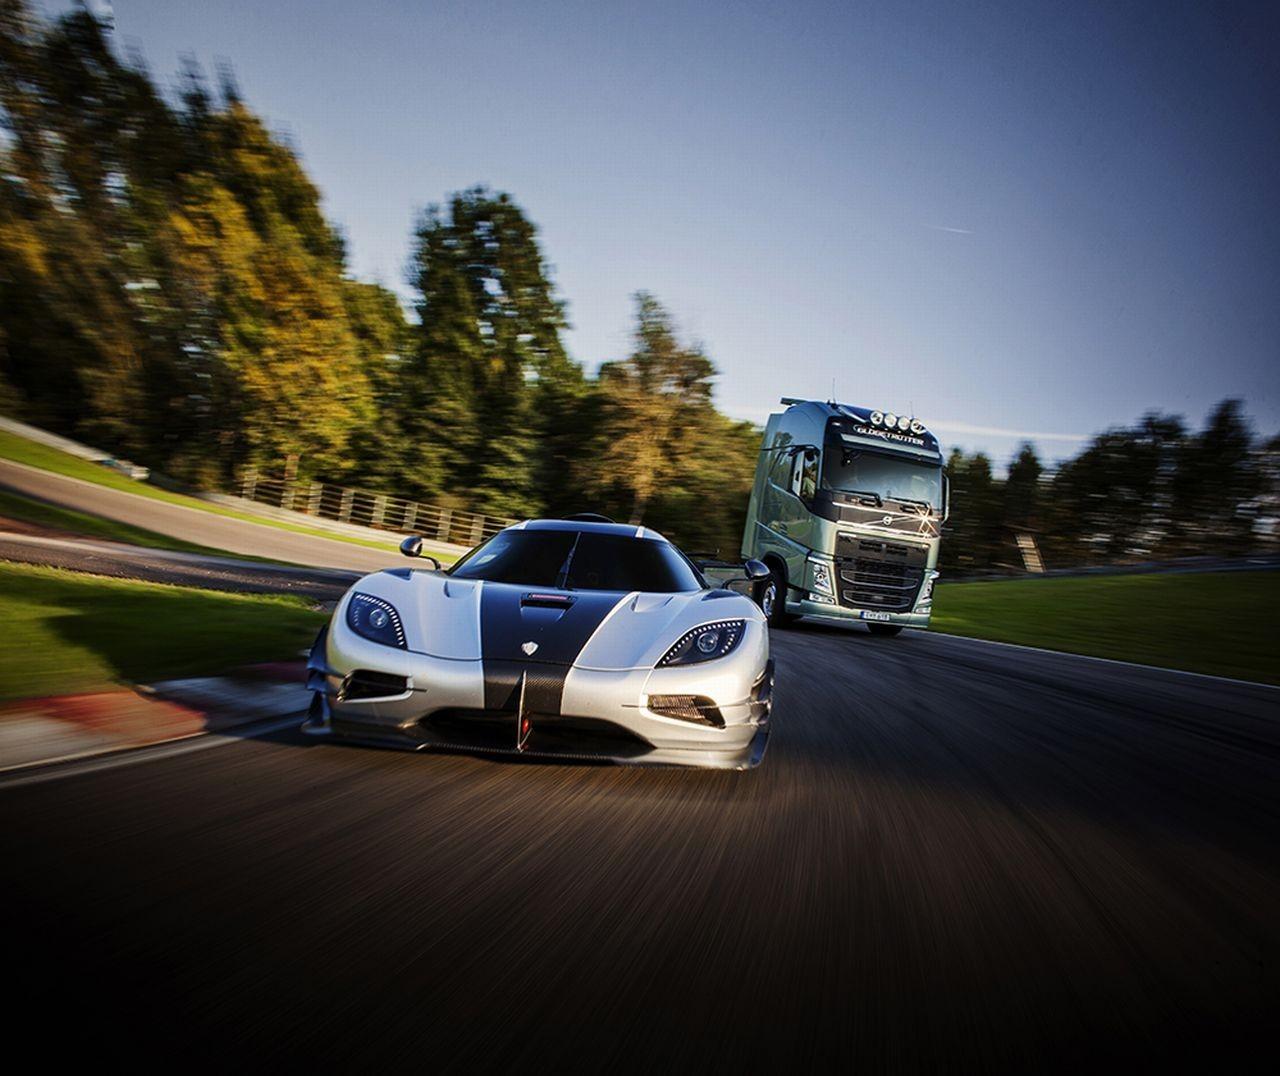 Volvo FH contre Koenigsegg One:1, le duel improbable